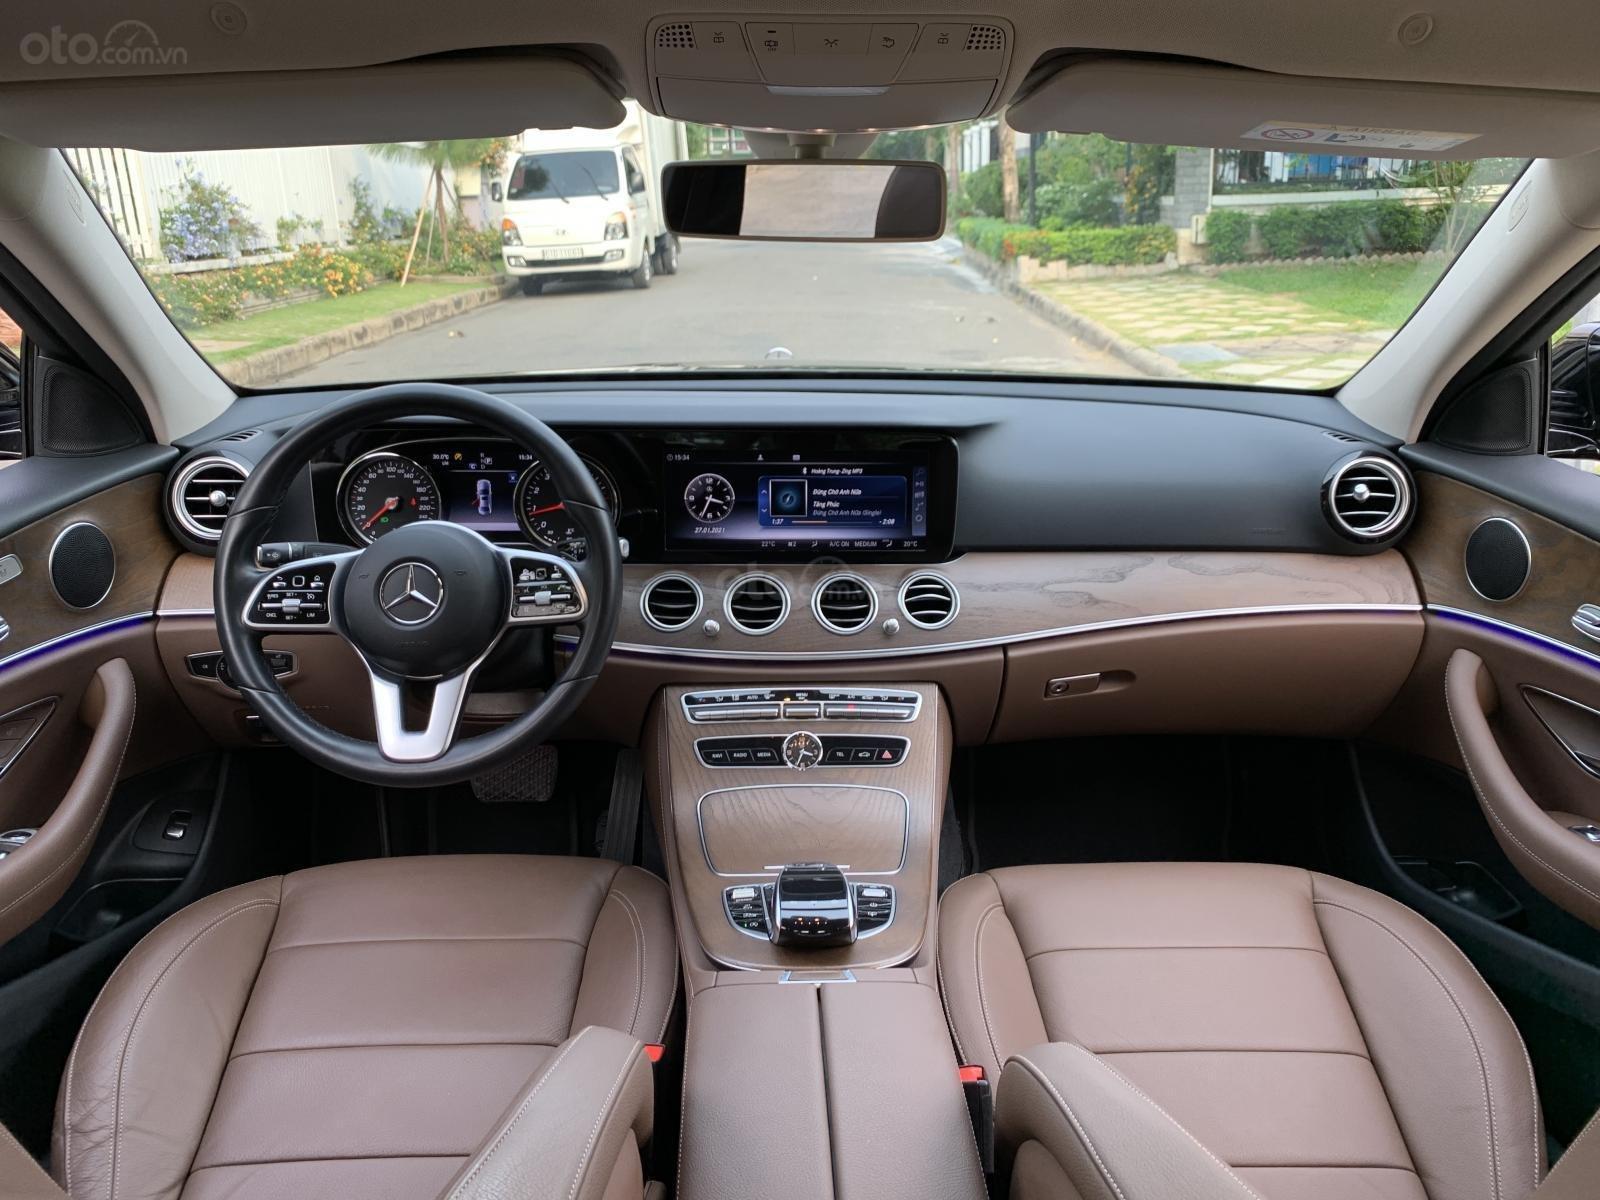 Bán Mercedes E200 sản xuất năm 2019, đi đúng 23000km, xe đẹp xuất sắc (3)